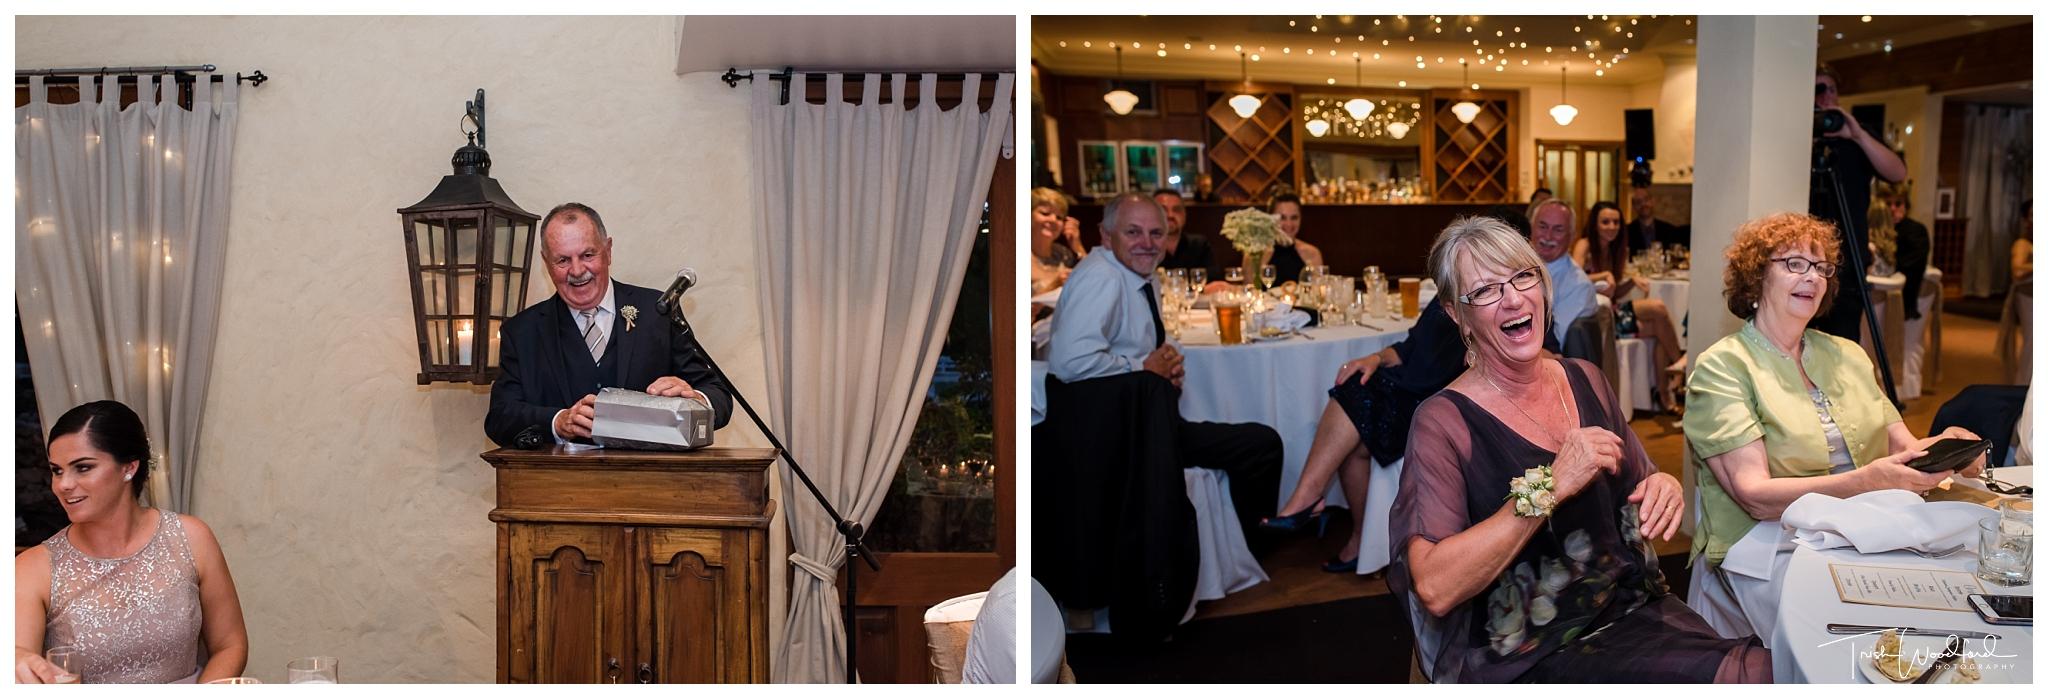 Stewarts Brookleigh Wedding Reception